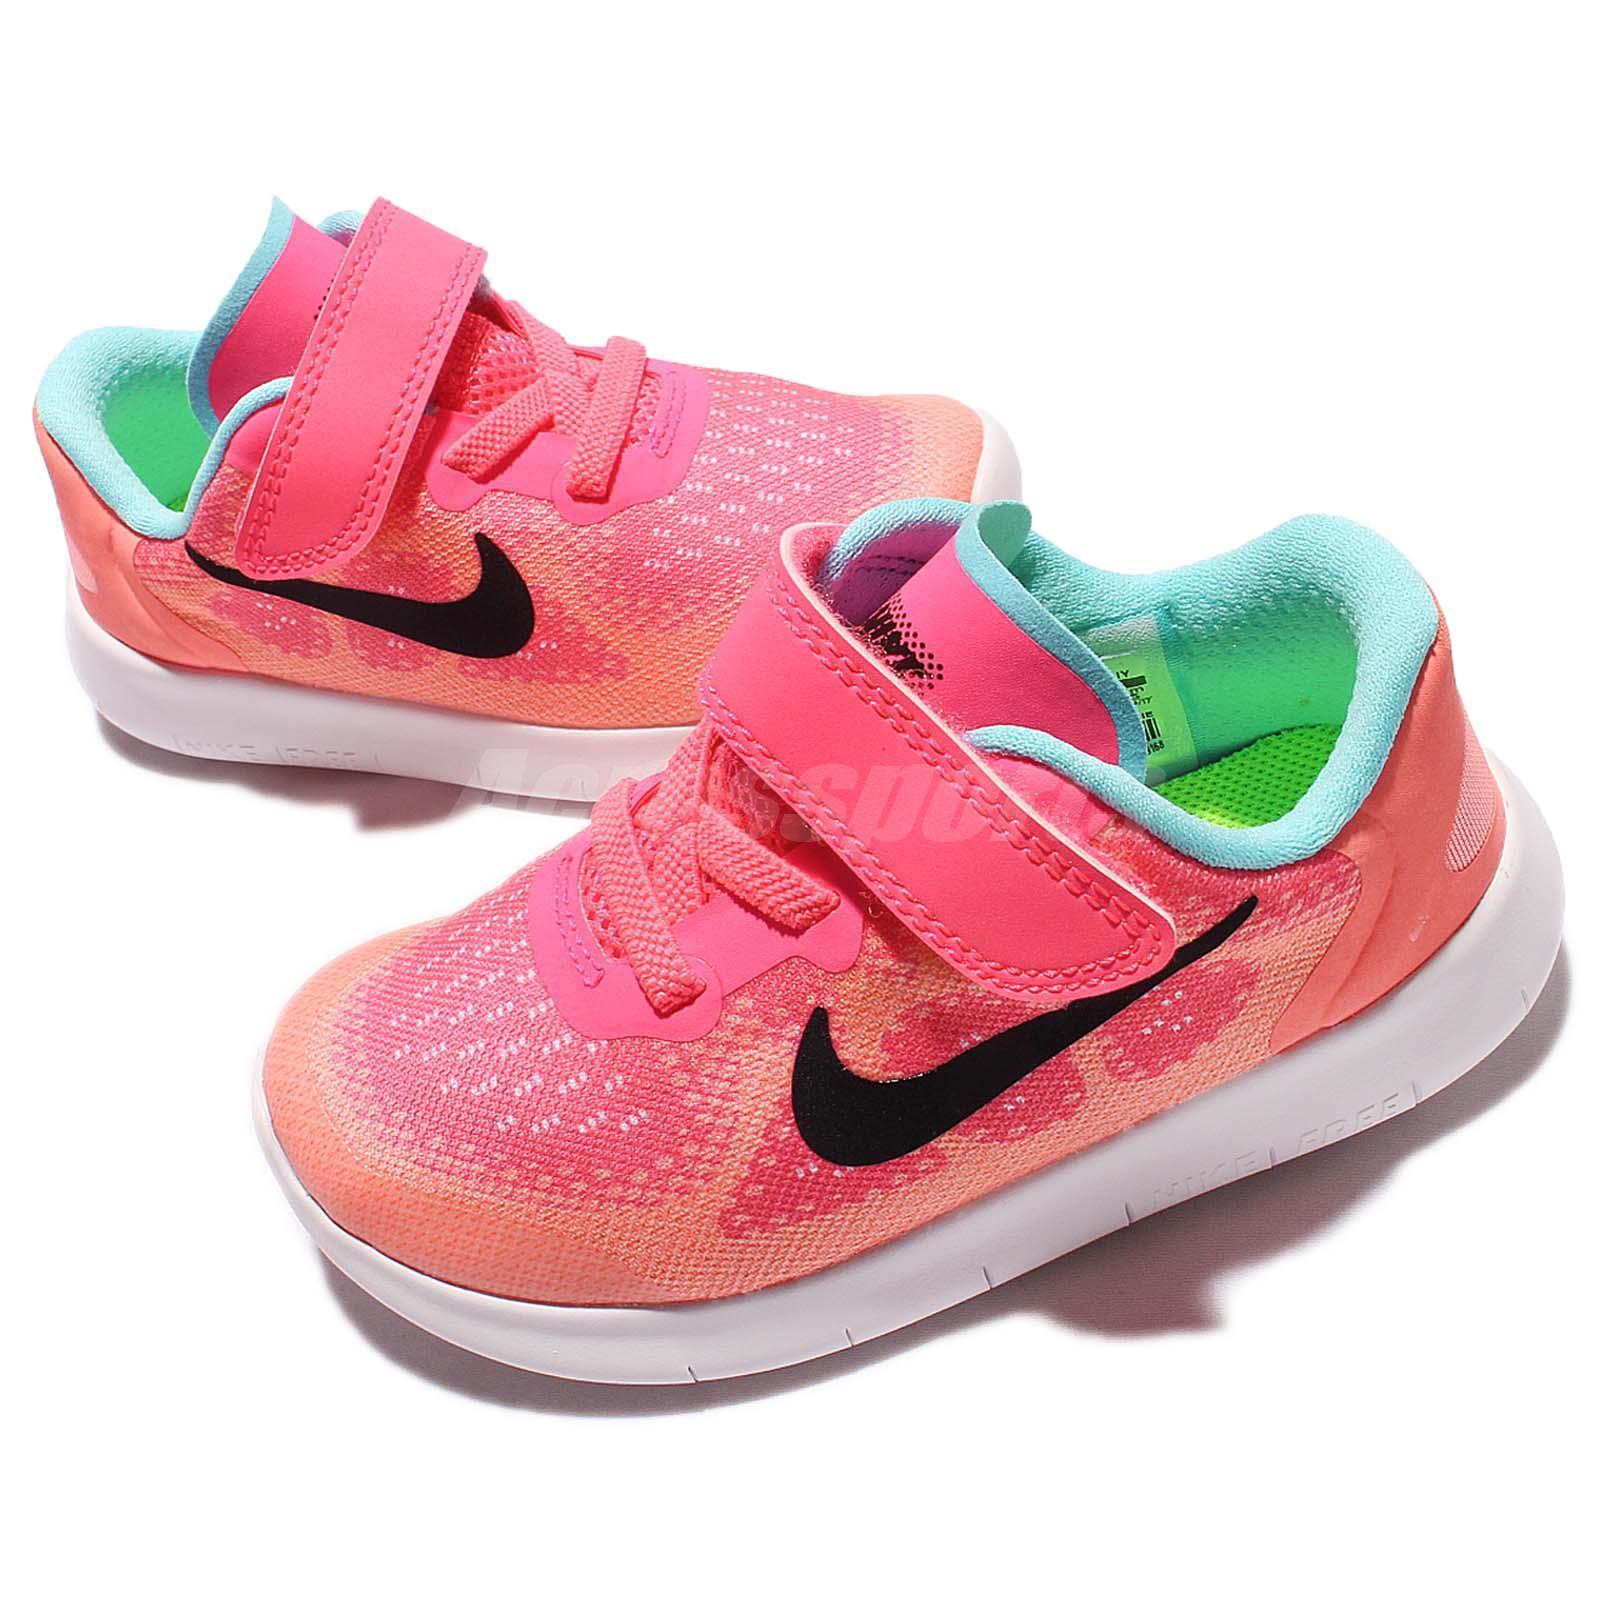 Nike Tdv Run Racer Pink Toddler Baby Running